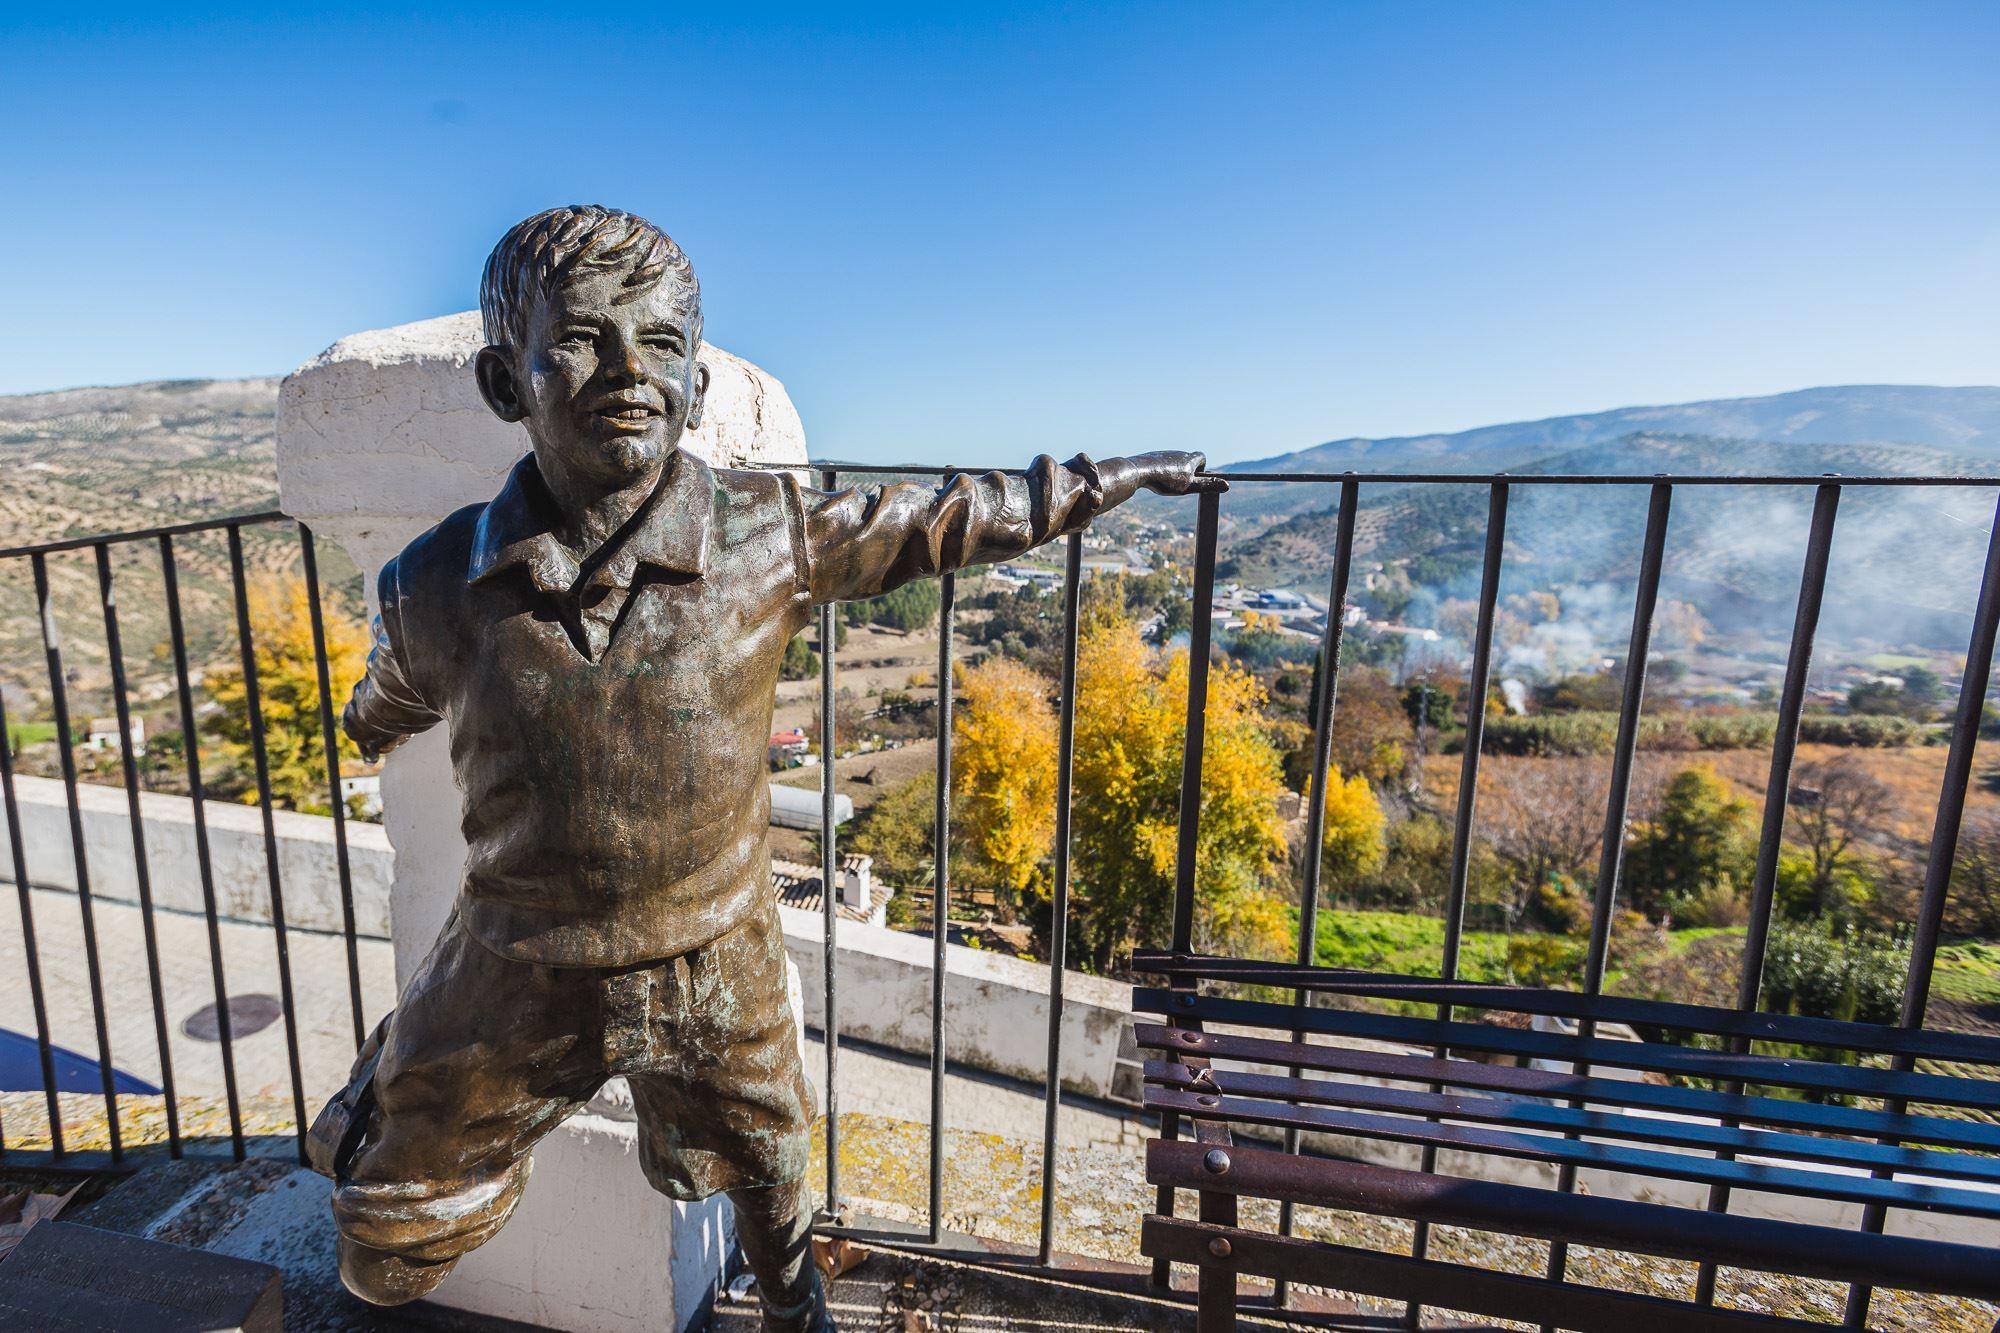 La escultura de Joselito homenajea al artista y a su película 'Saeta del Ruiseñor', rodada en Priego.